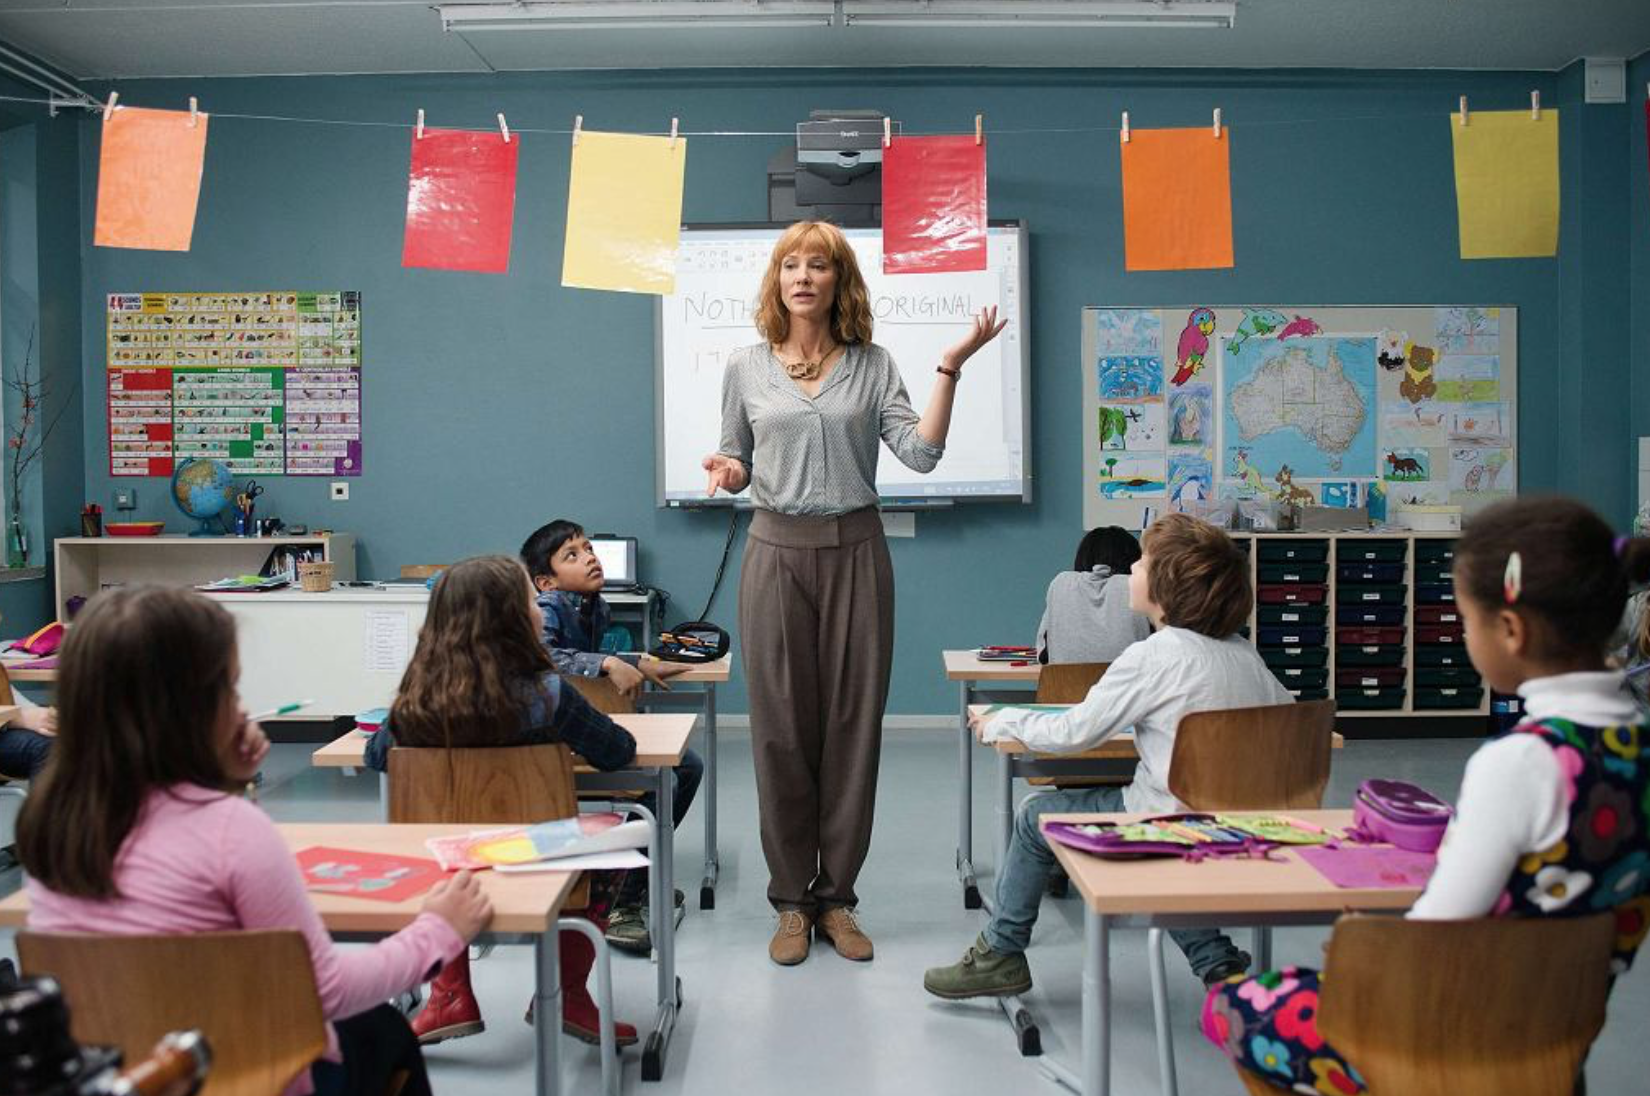 """Współczesna lekcja w wykonaniu Blanchett, kadr z filmu """"Manifesto"""""""